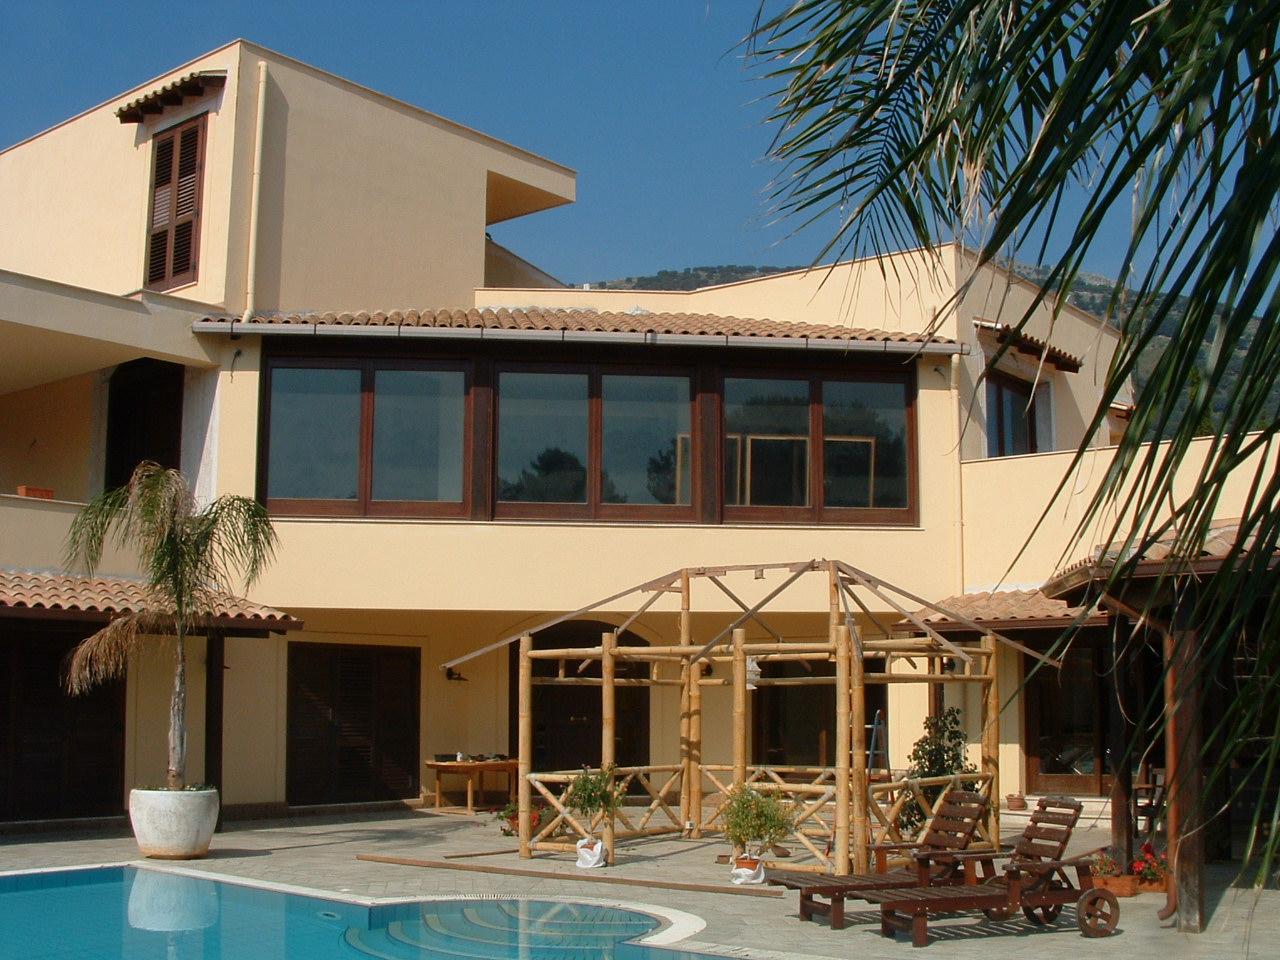 Villa con piscina - Villa con piscina ...